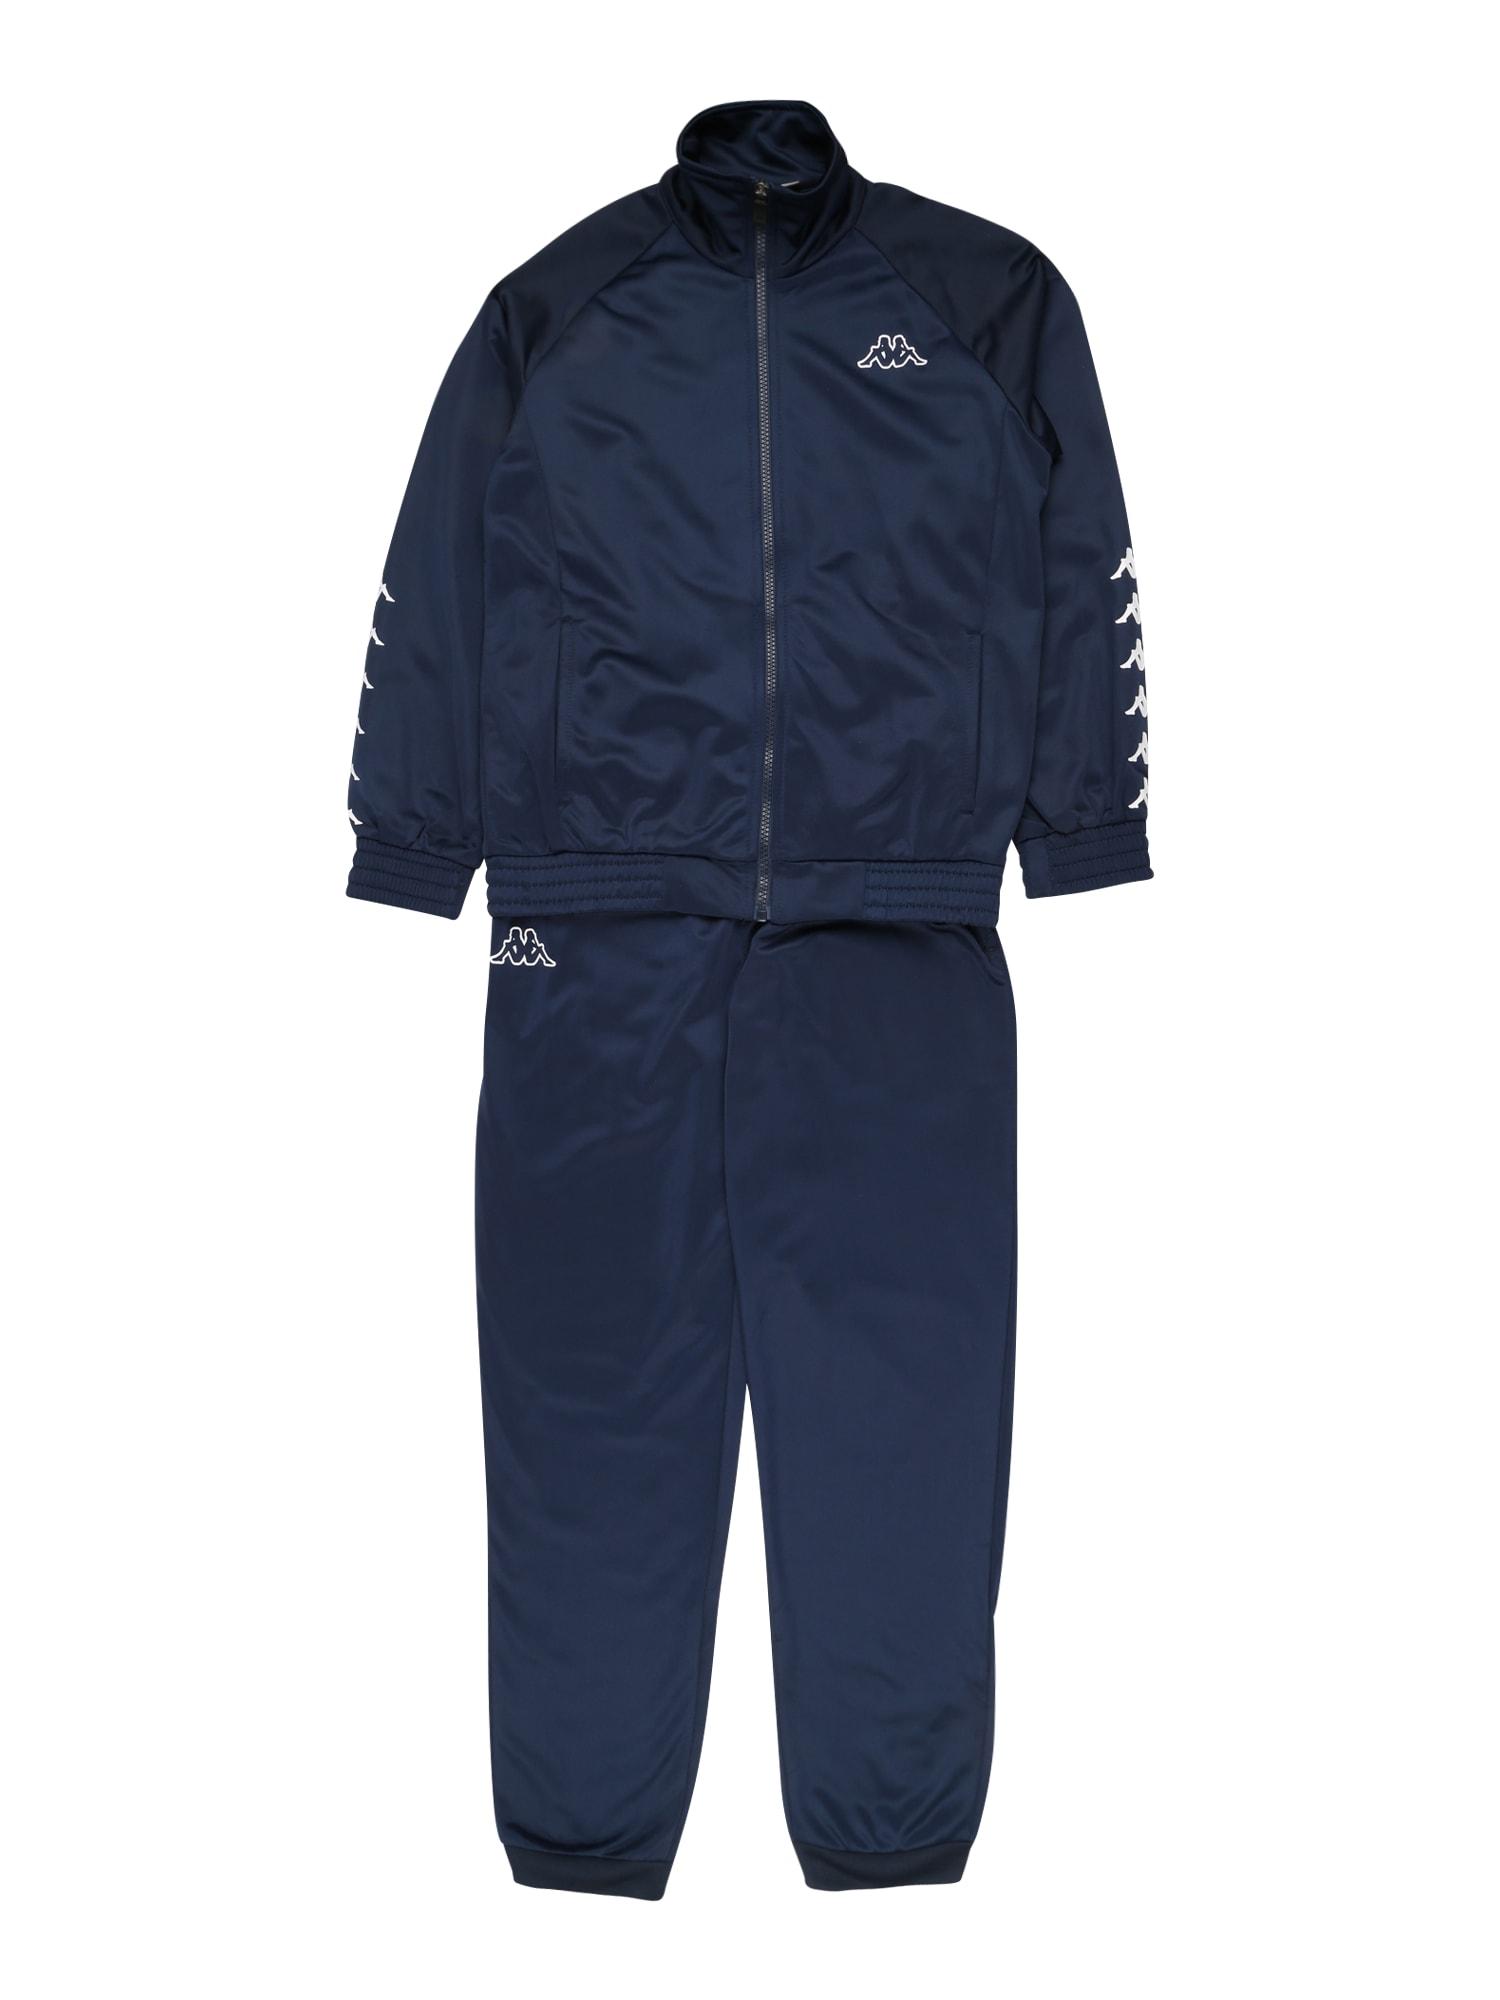 KAPPA Joggingová souprava 'Till'  bílá / tmavě modrá